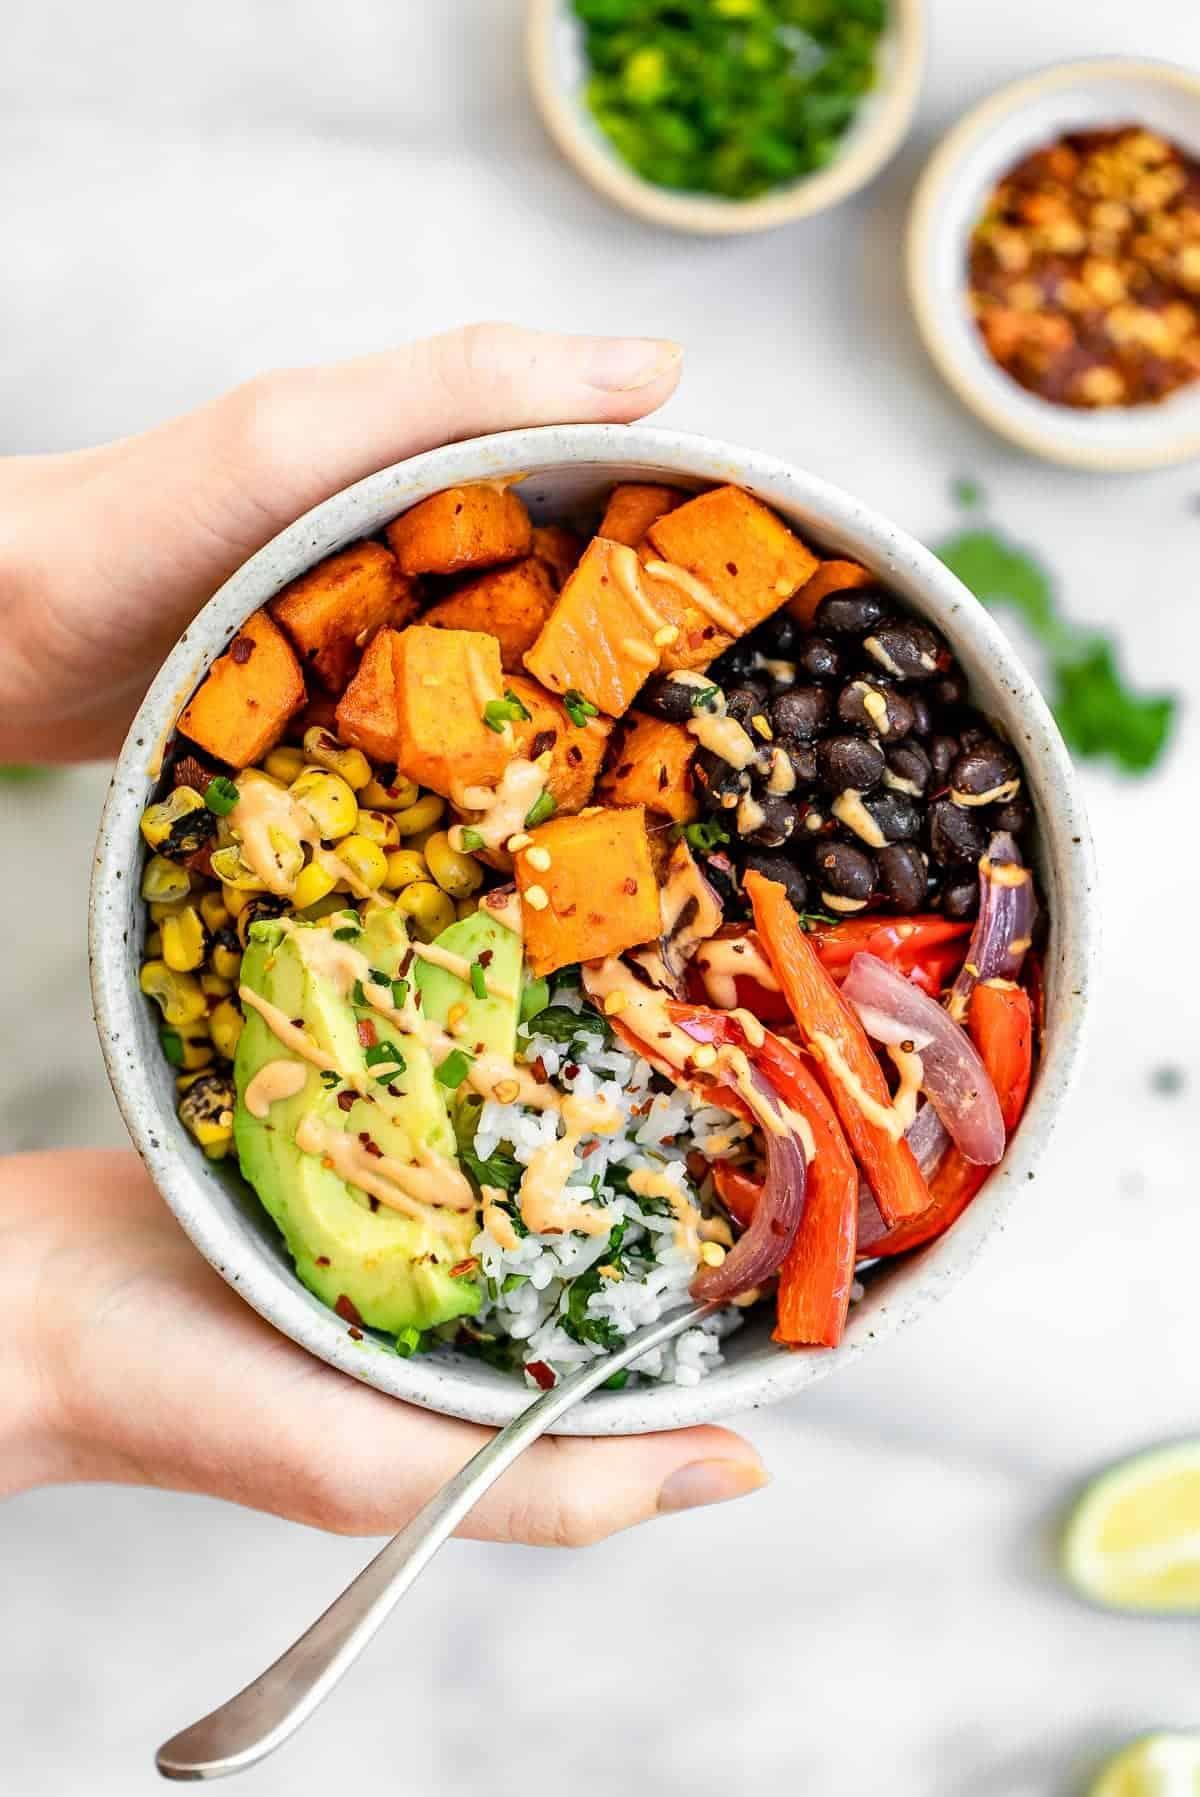 Burrito bowl with rice and veggies.